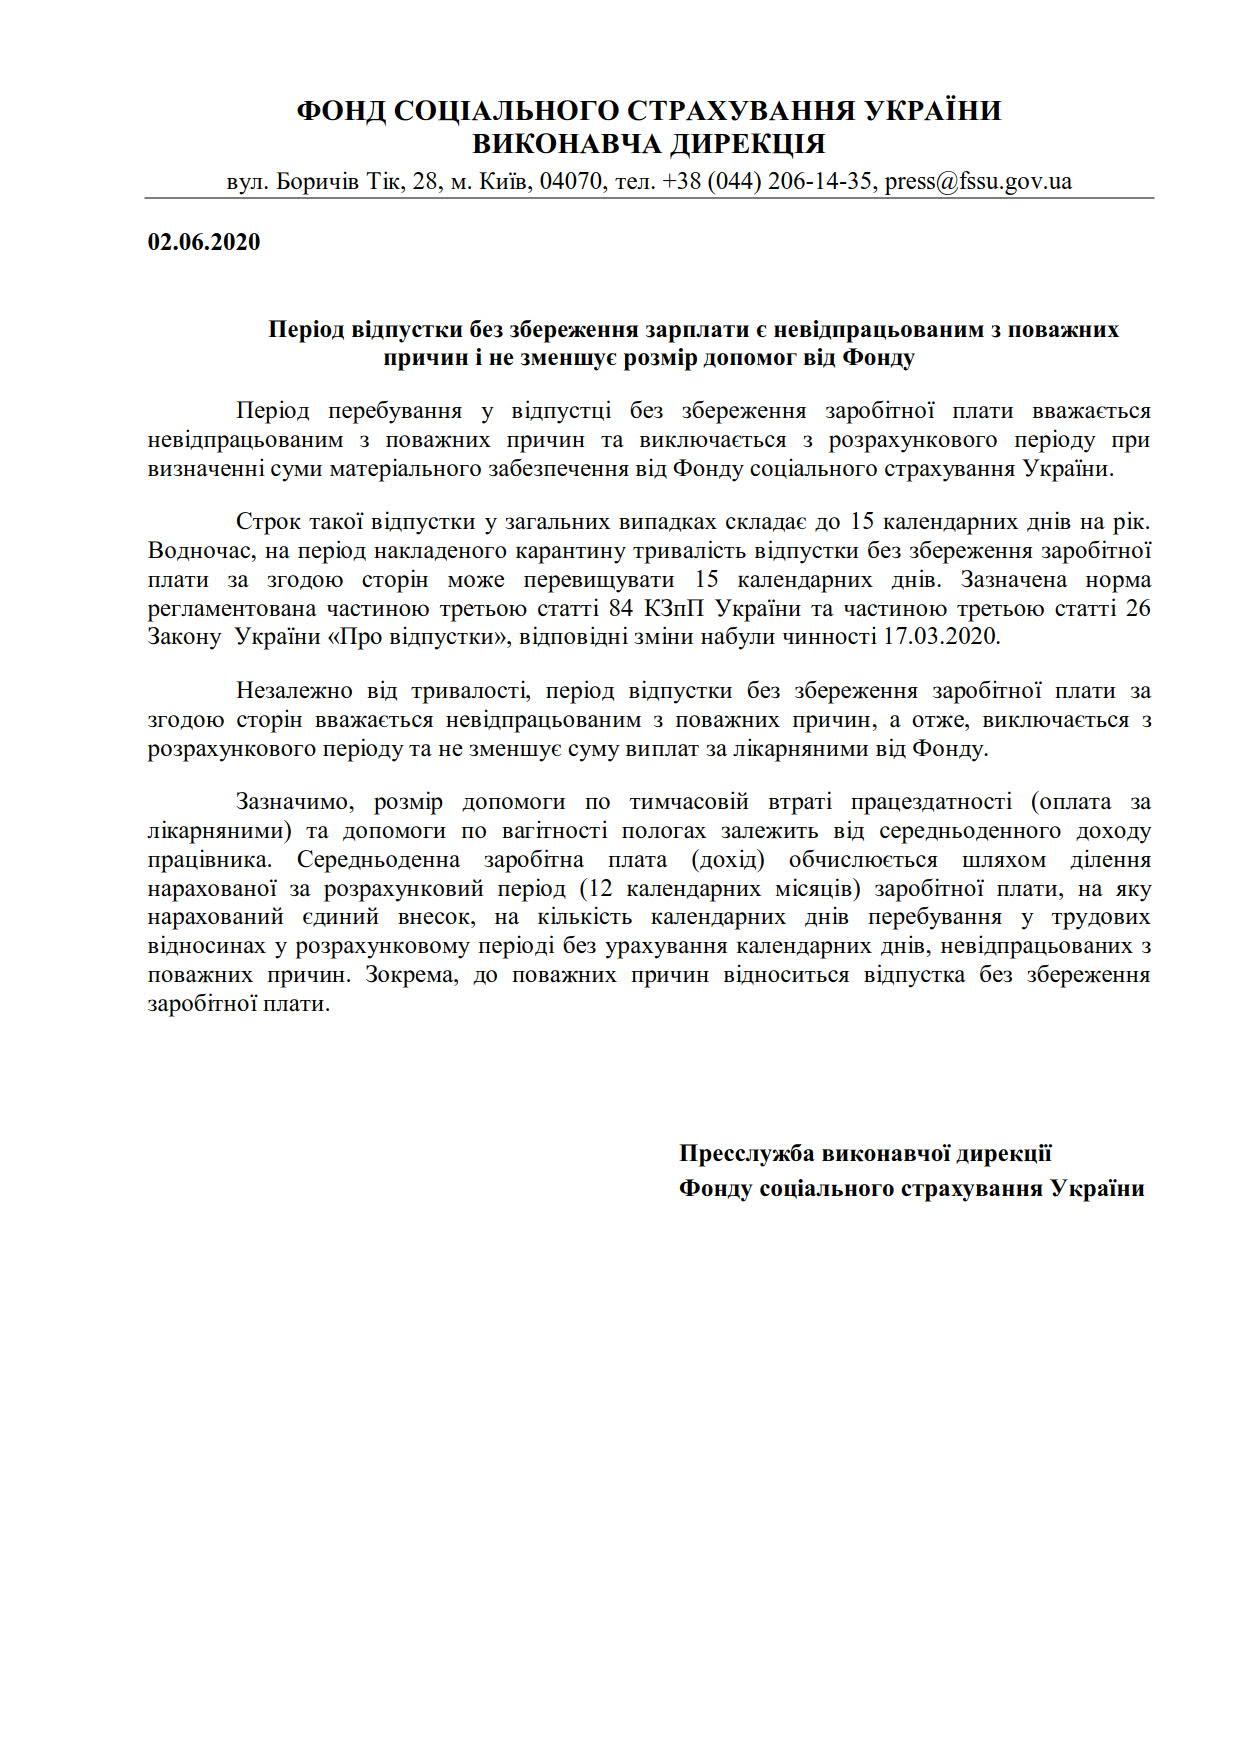 ФССУ_Відпустки без збереження зарплати_1